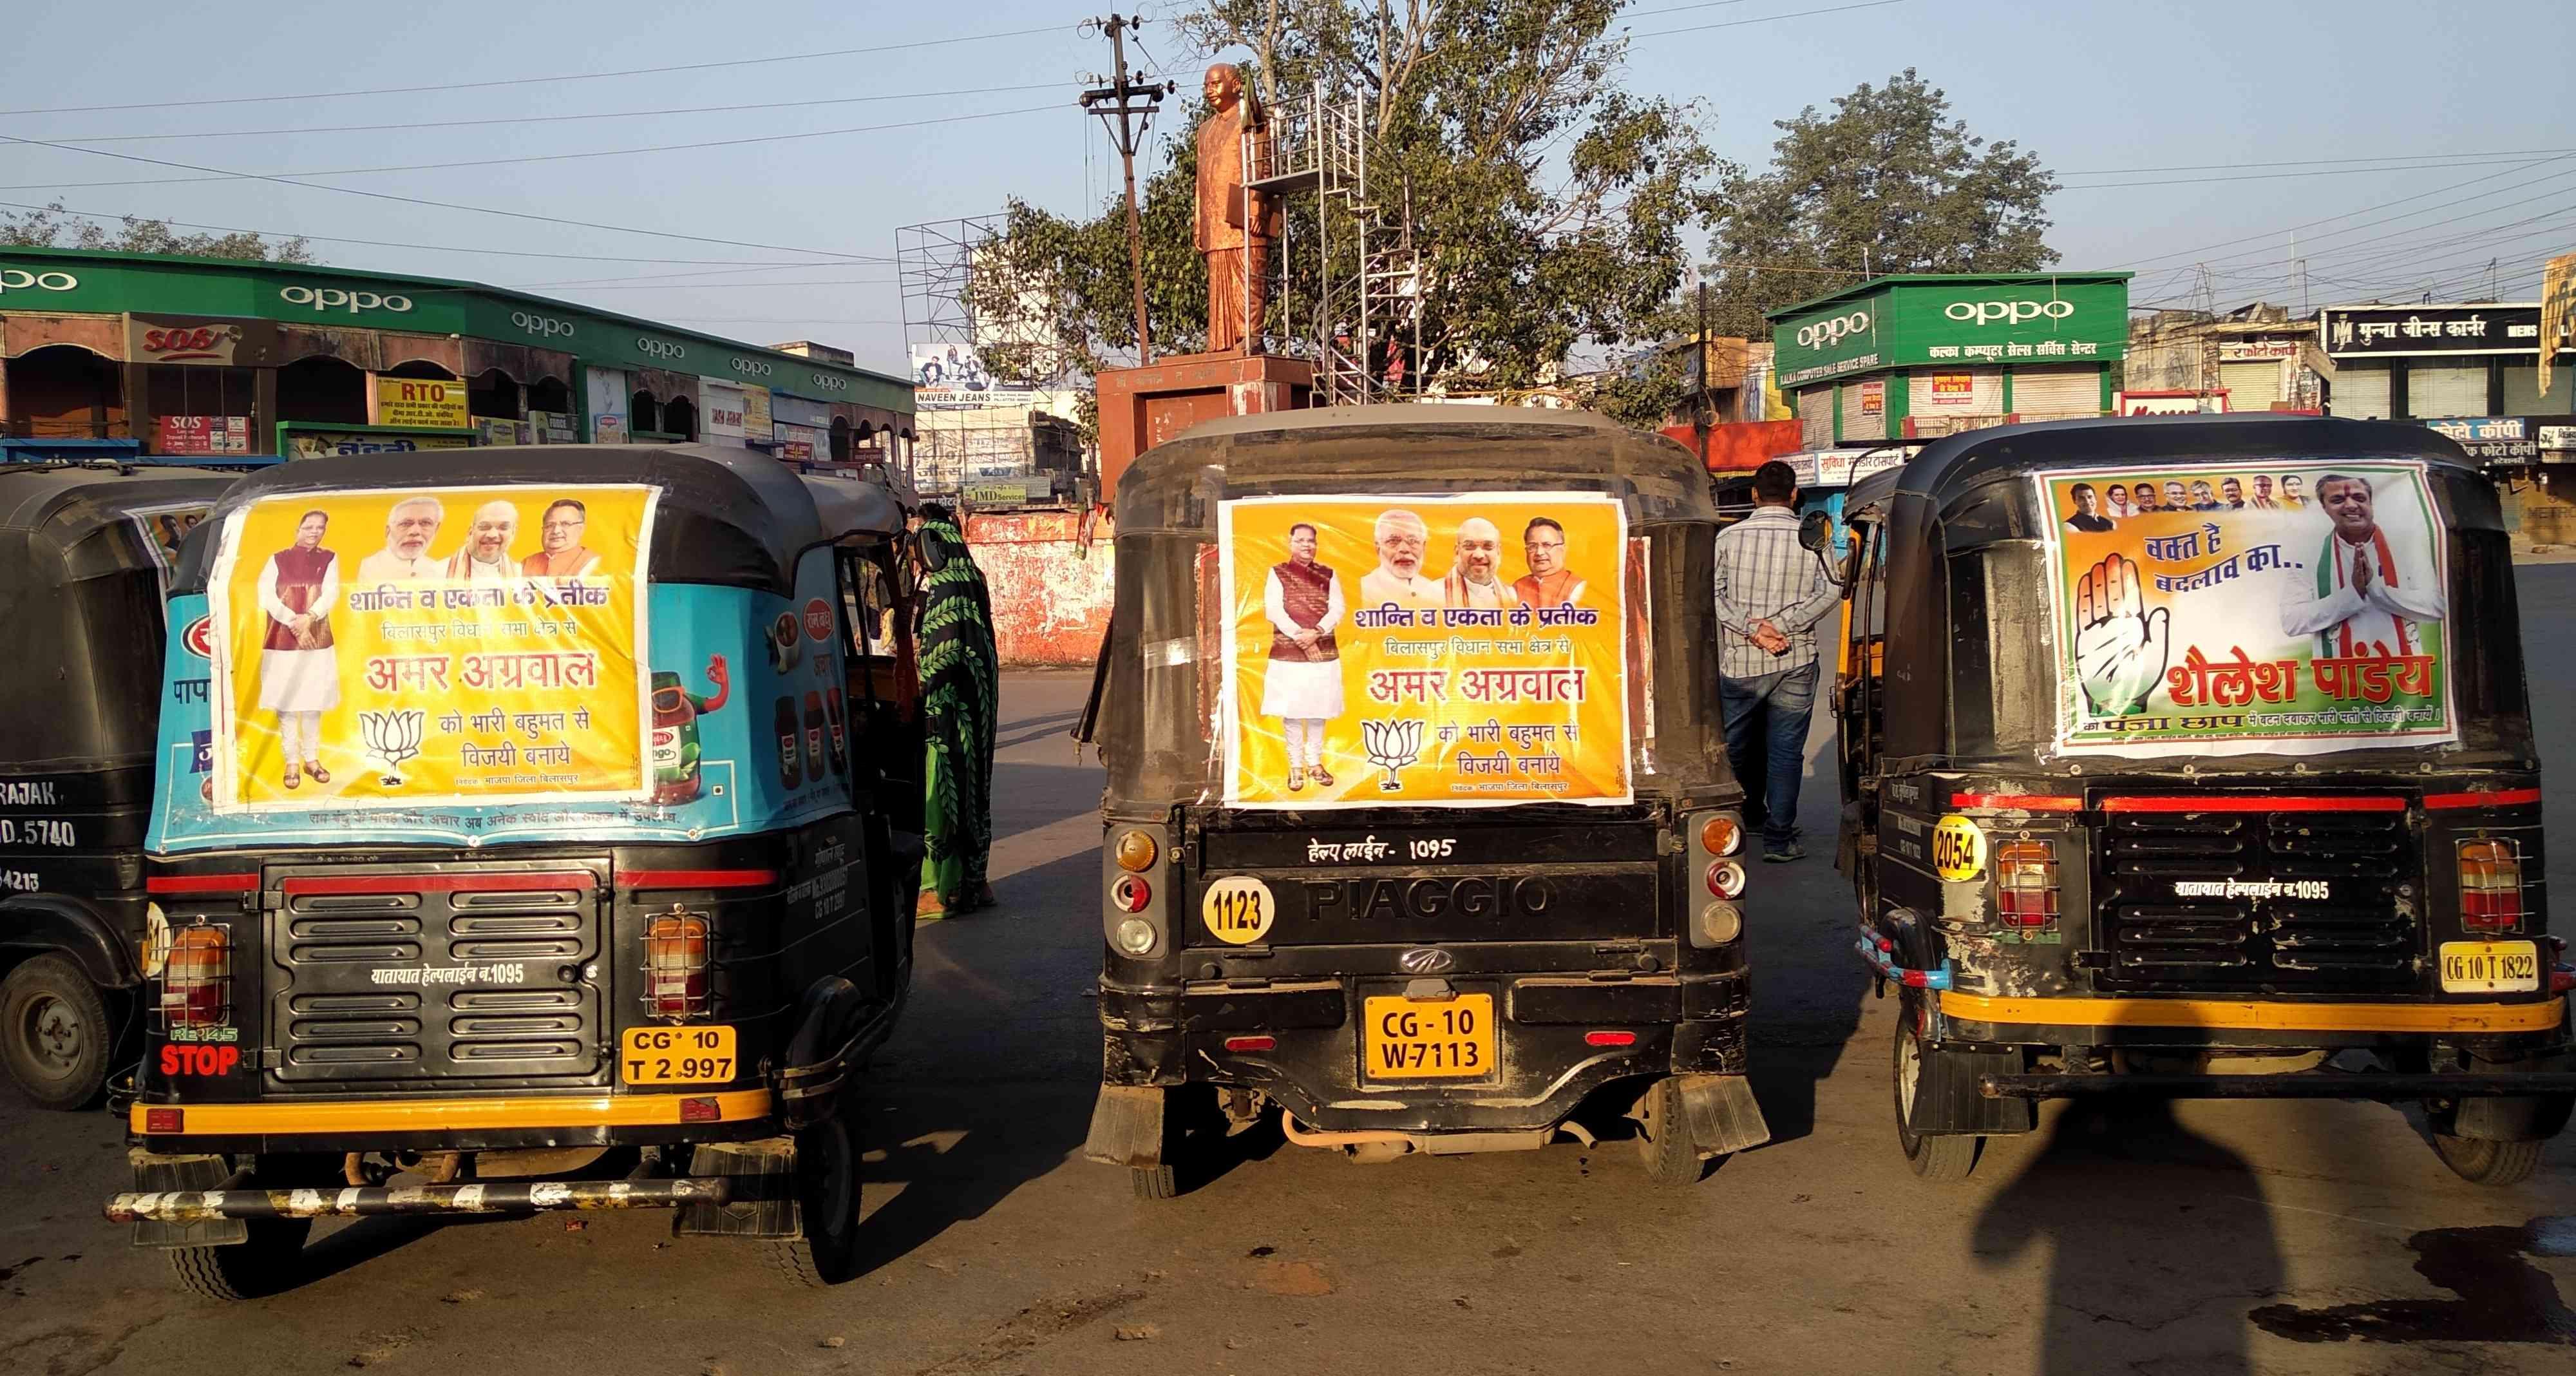 बिलासपुर के पुराने बस स्टैंड के पास सुबह सात बजे ऑटो रिक्शाओं की कतार